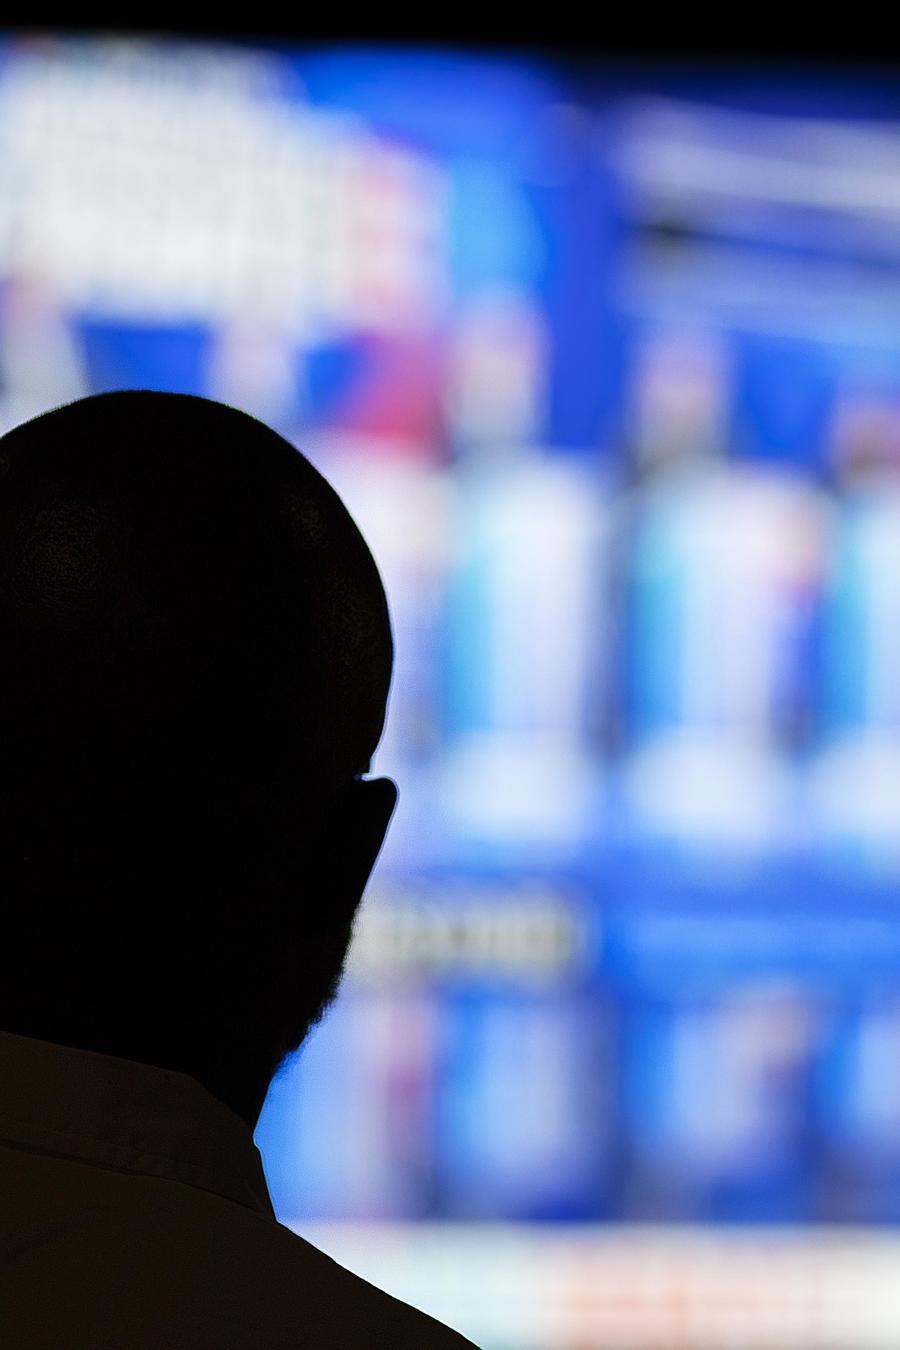 Un hombre observa la transmisión del debate presidencial demócrata realizado el 27 de junio de 2019